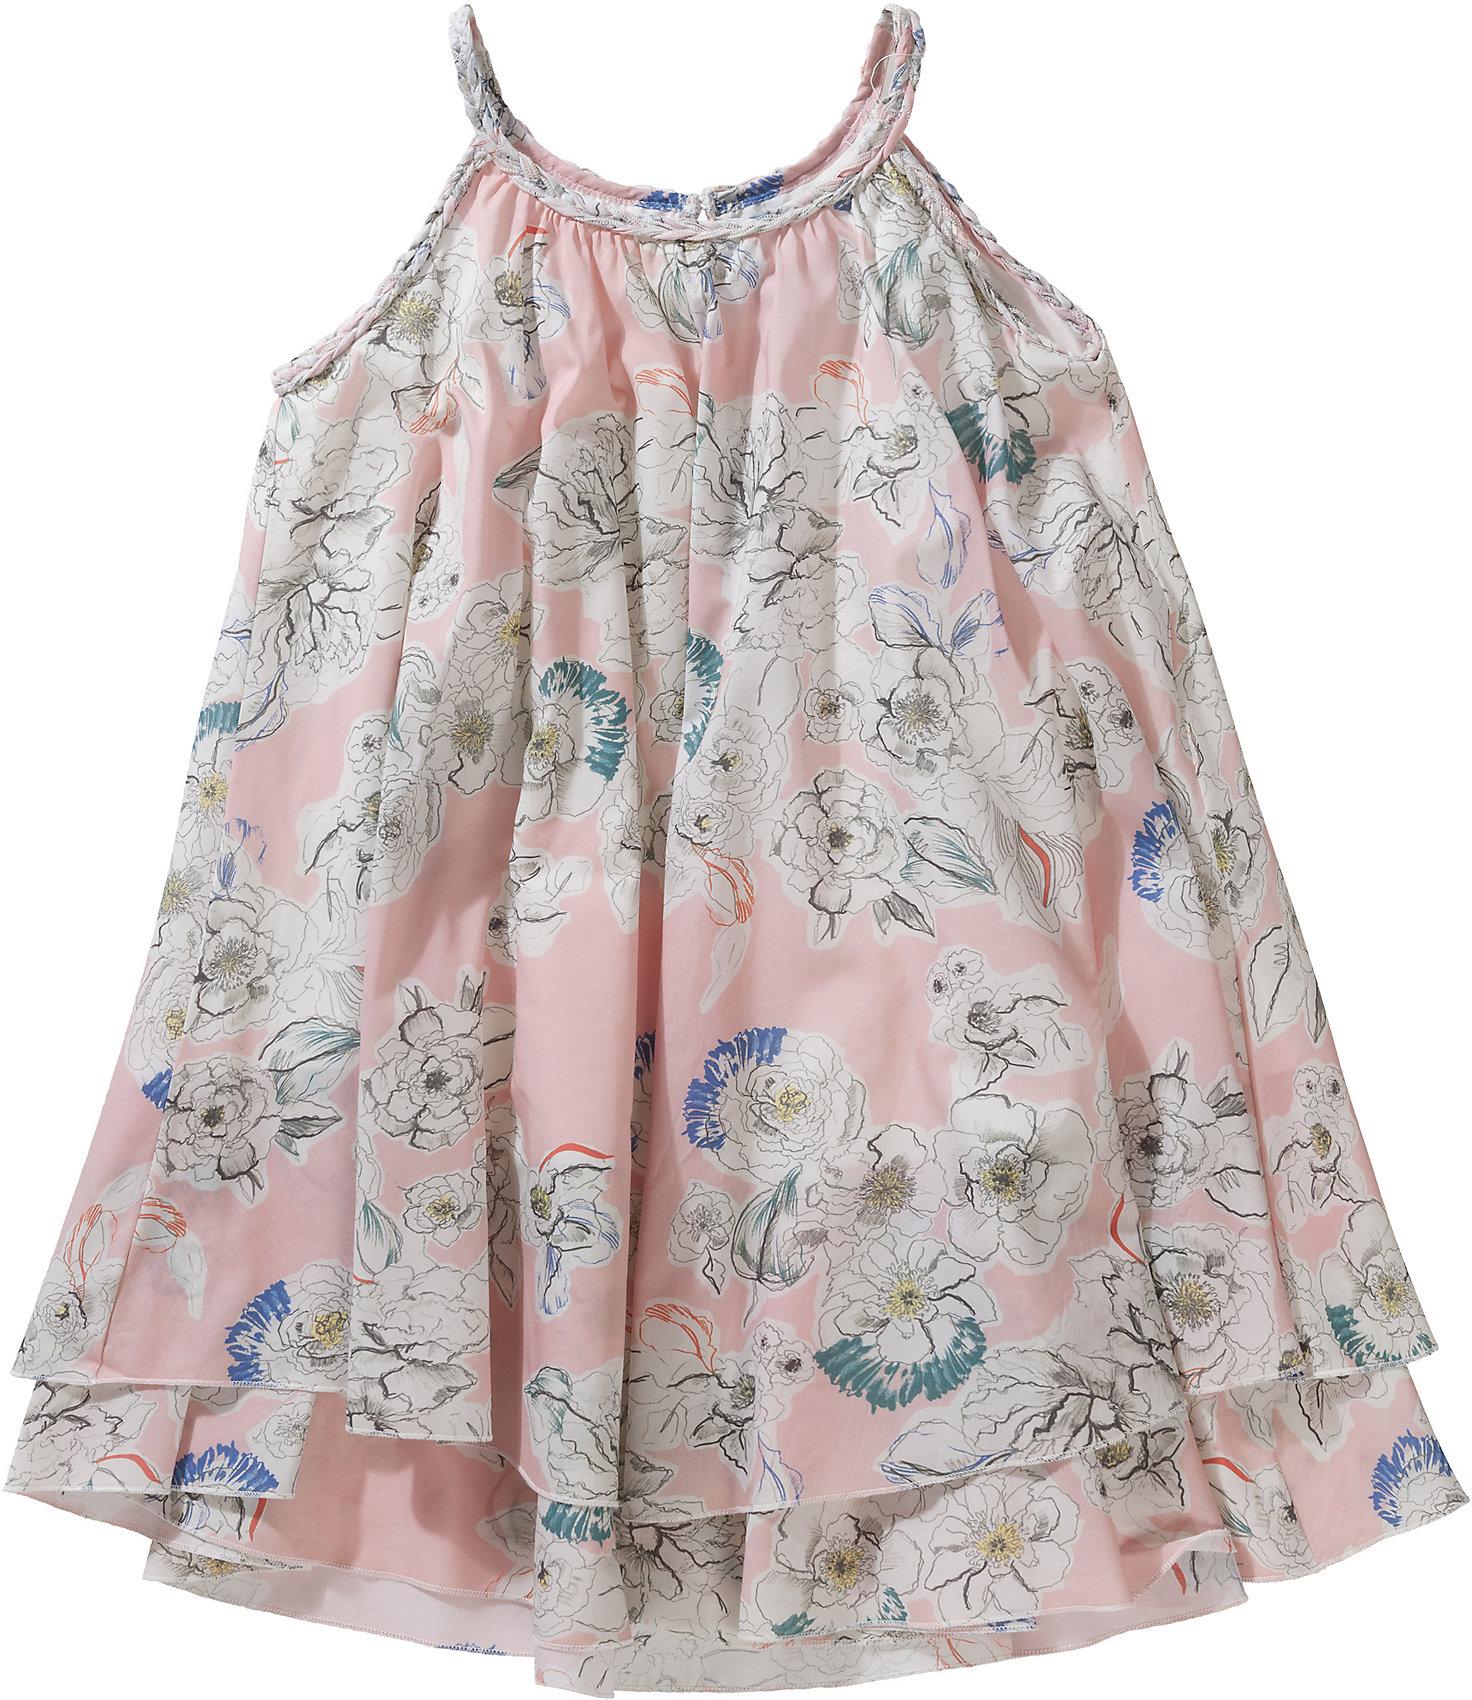 Details zu Neu MARC O'POLO Kinder Kleid mit Blumen 7559633 für Mädchen rosa